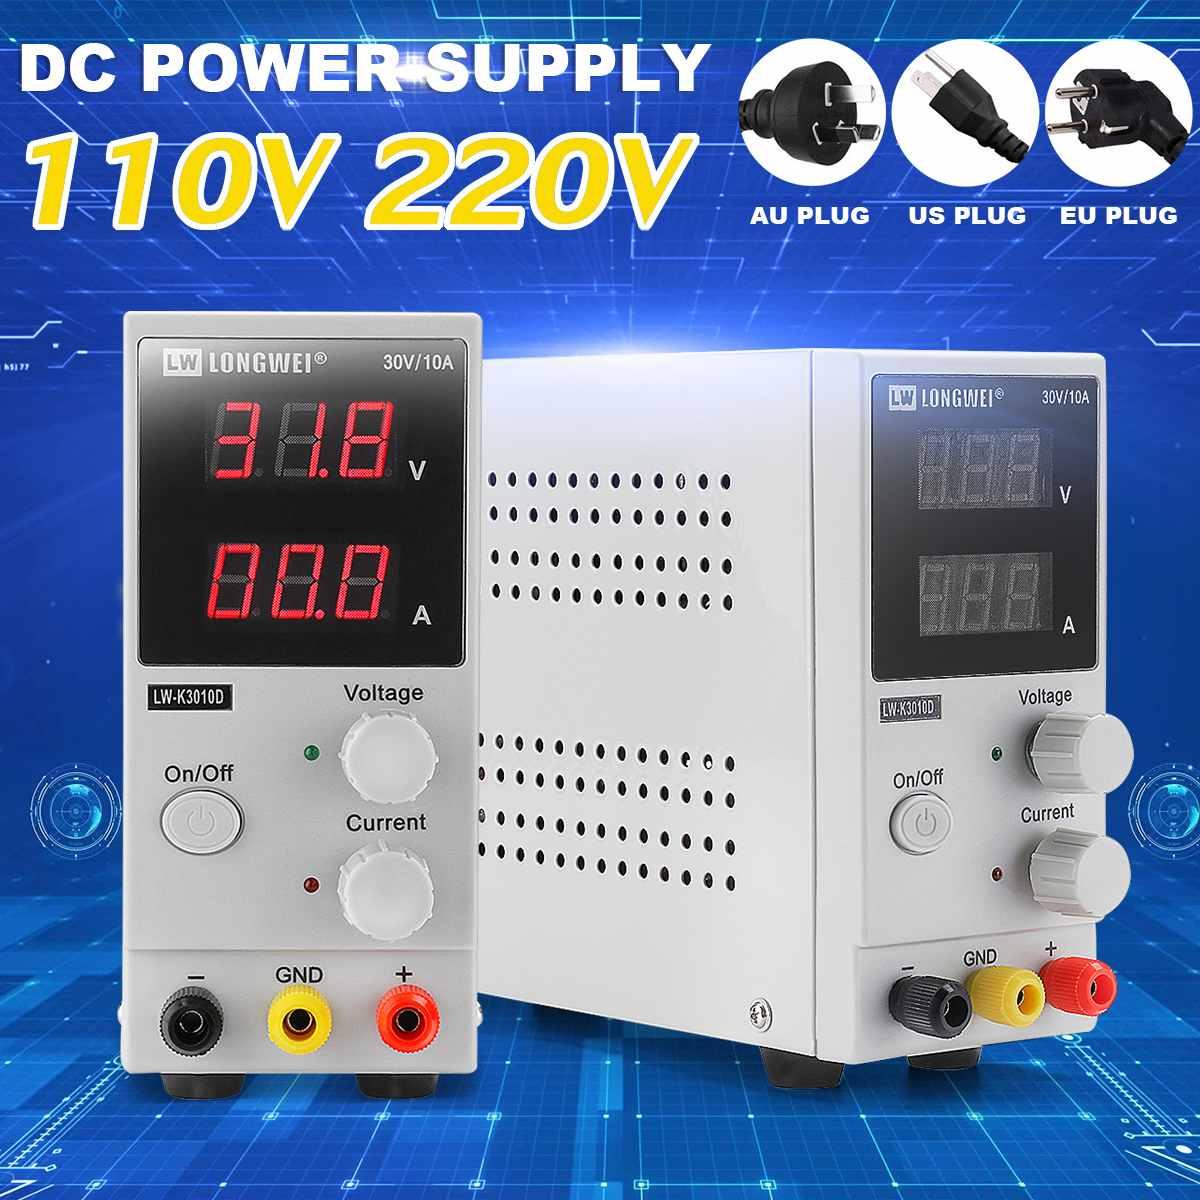 110V/220V 0-30V 0-10A Adjustable Digital DC Power Supply Switching Power Supply DC Regulated Power Supply110V/220V 0-30V 0-10A Adjustable Digital DC Power Supply Switching Power Supply DC Regulated Power Supply